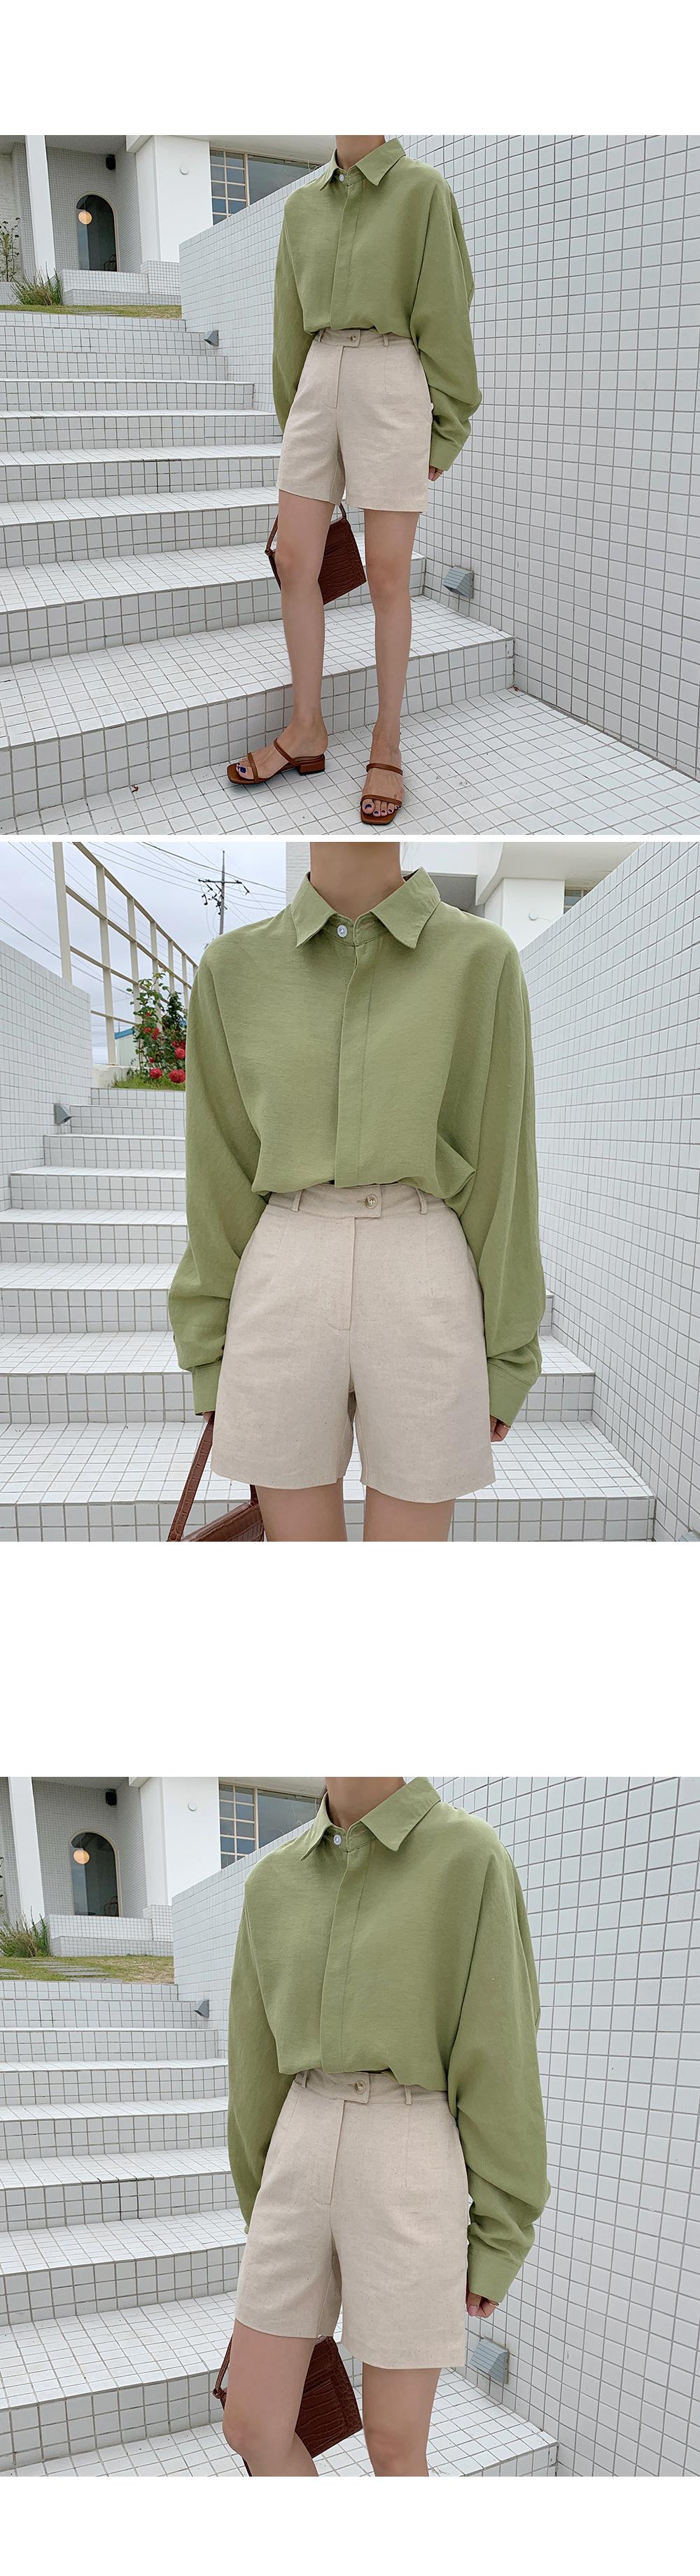 High Waist Beige Linen Short-holiholic.com